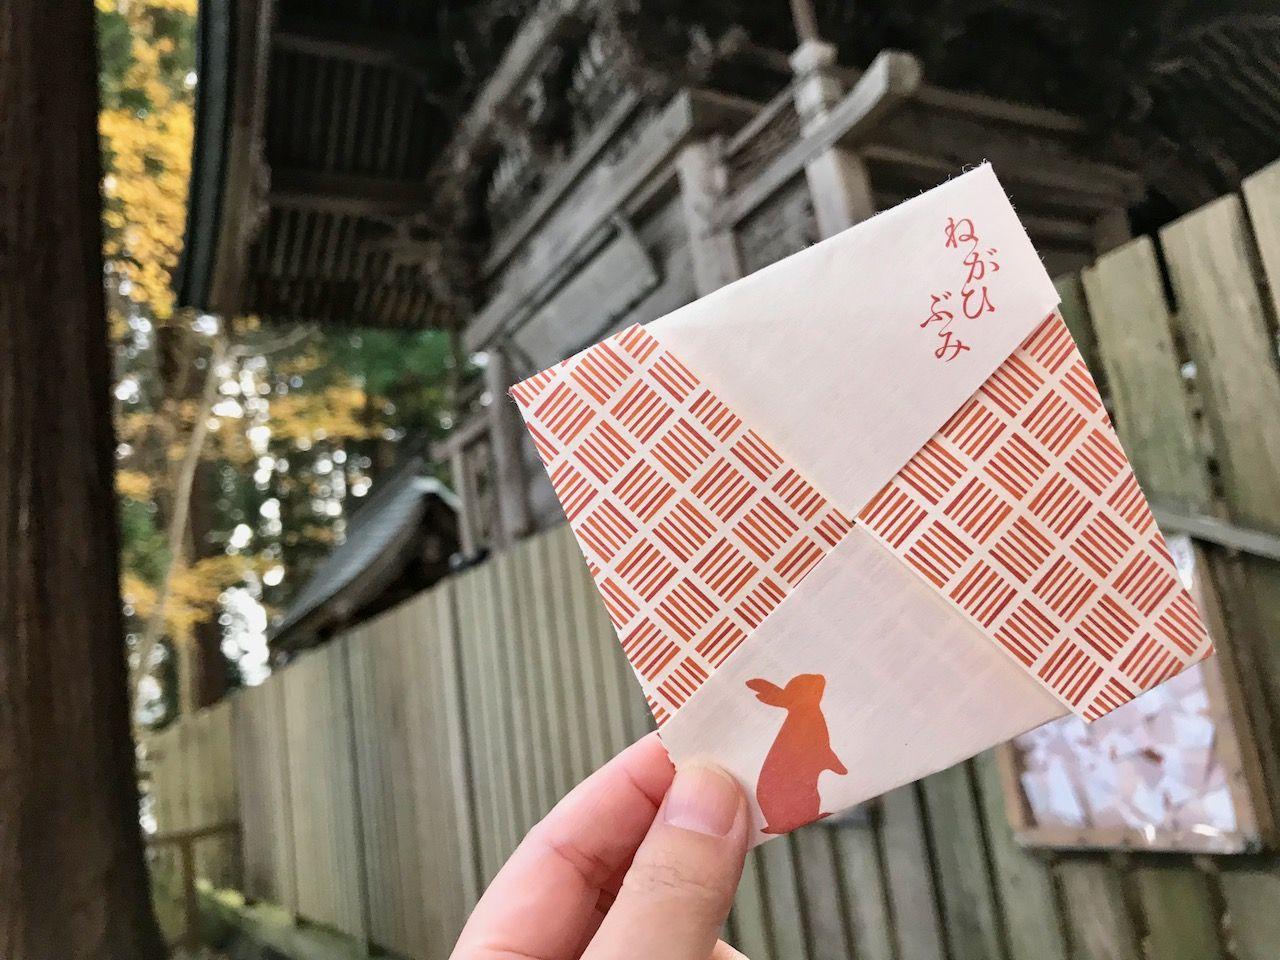 女子旅必見のパワースポット!山形「熊野大社」うさぎに願いを託して